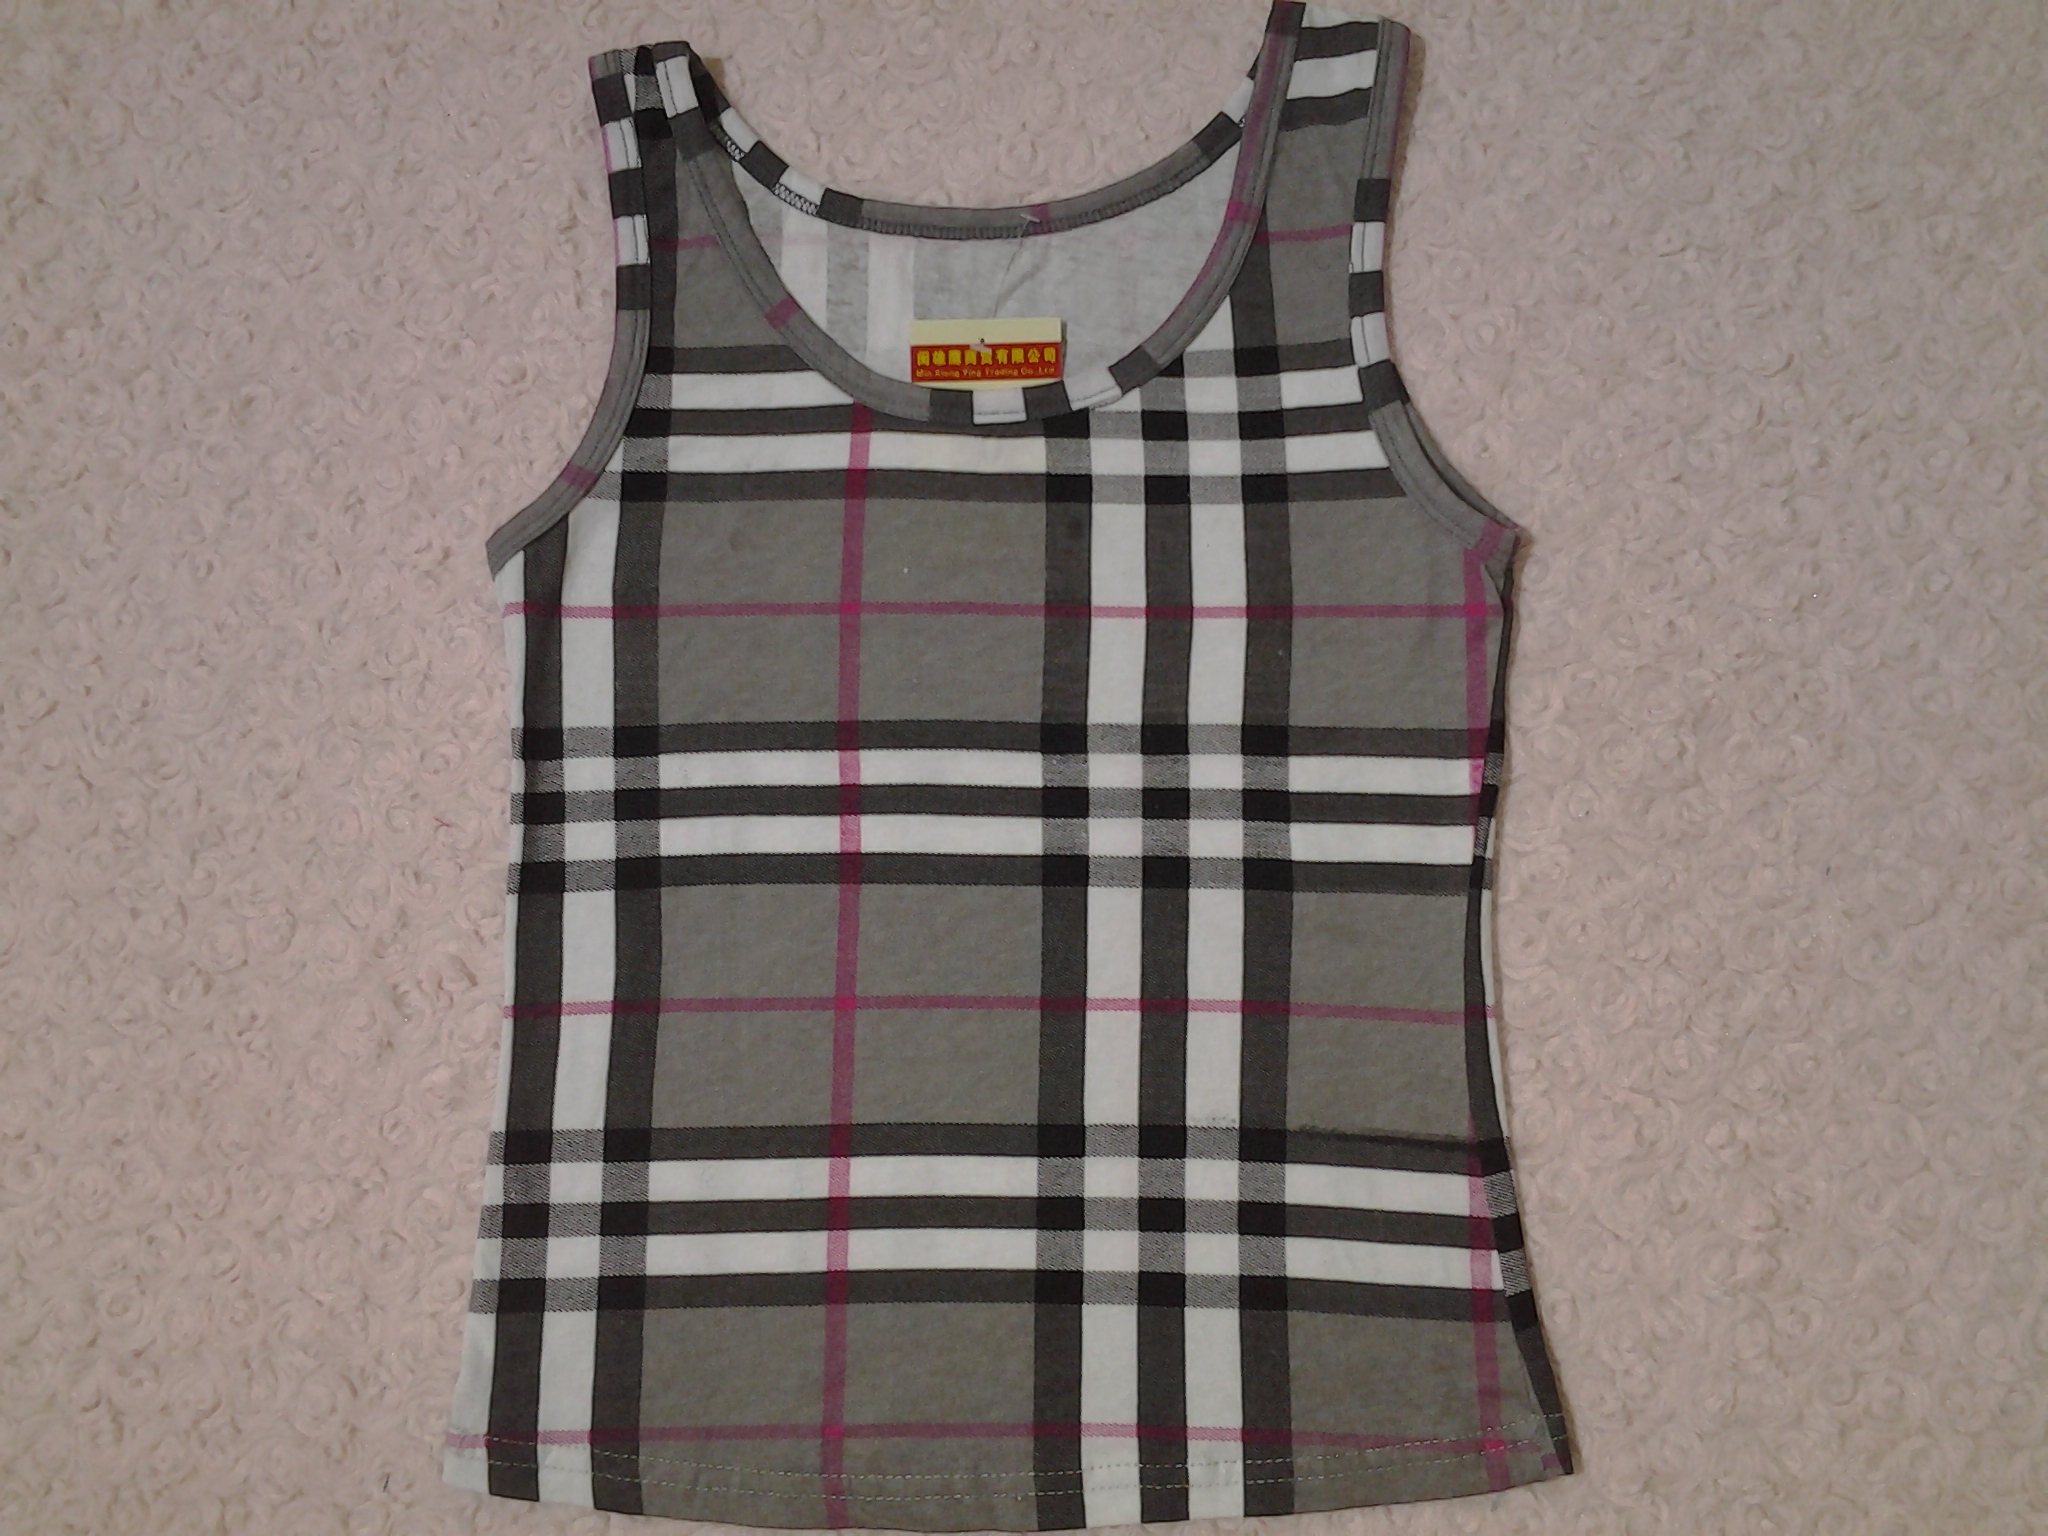 fashion designed checked vest